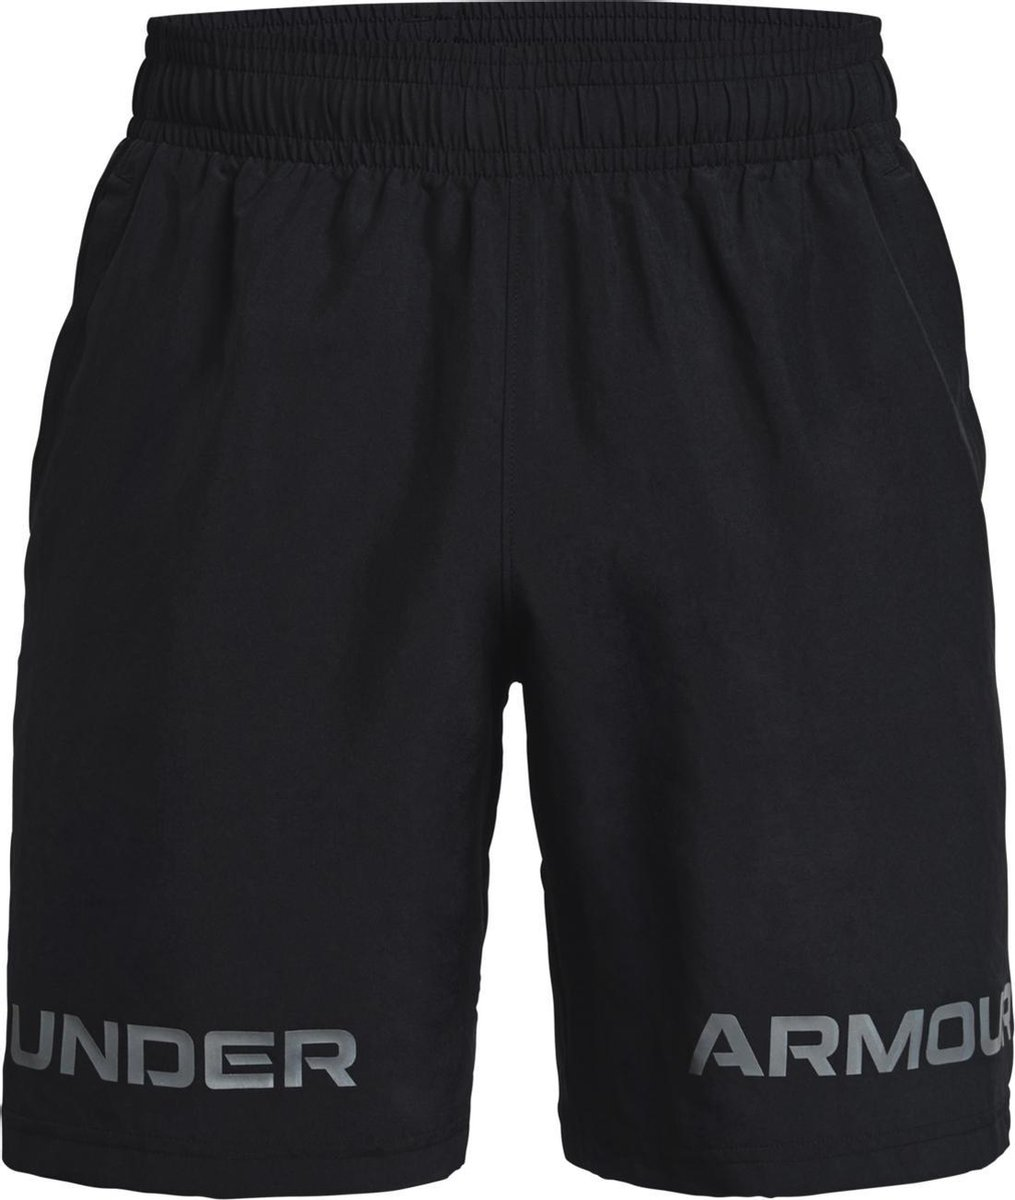 Under Armour Woven Graphic WM Sportbroek Heren - Maat XL